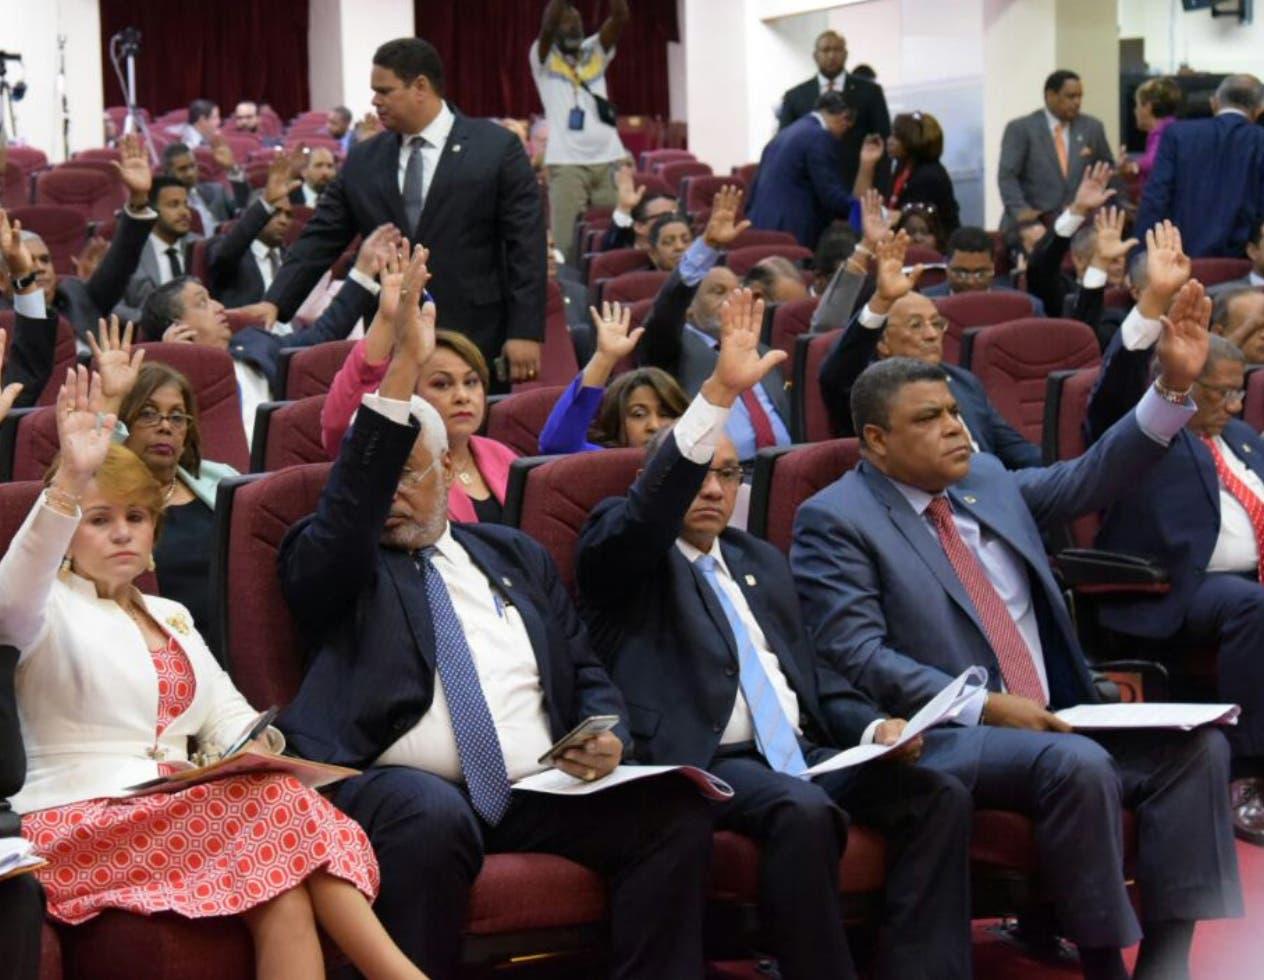 Momentos en que el pleno vota para  enviar  el proyecto ley de partidos  a una  comisión especial.